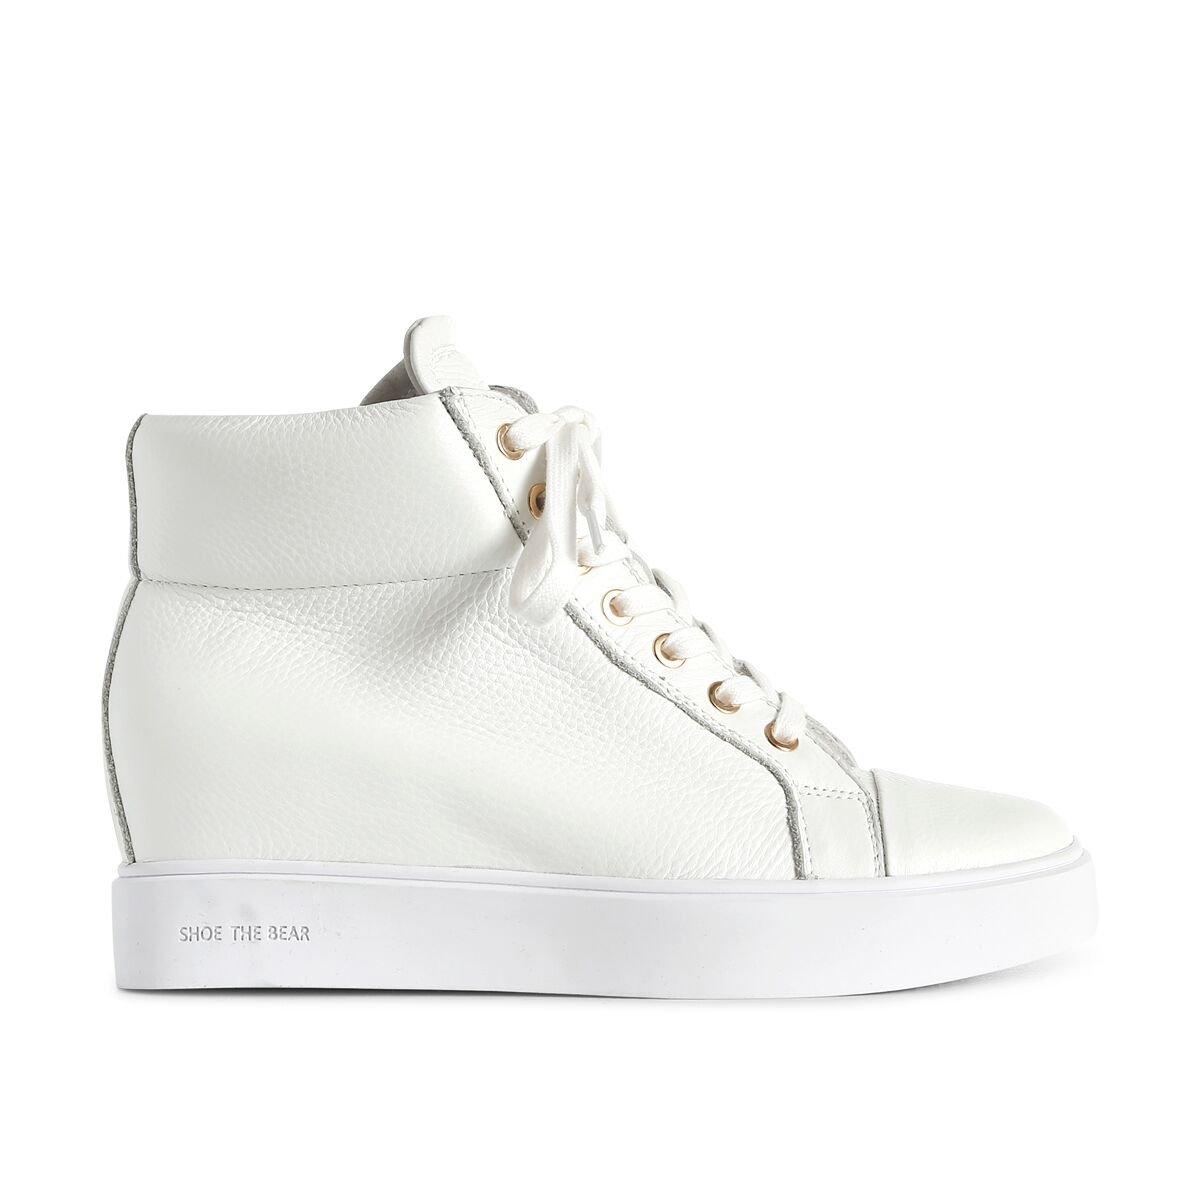 Shoe rack AVA High Top,  a Collo Alto Donna Wei? White 120)